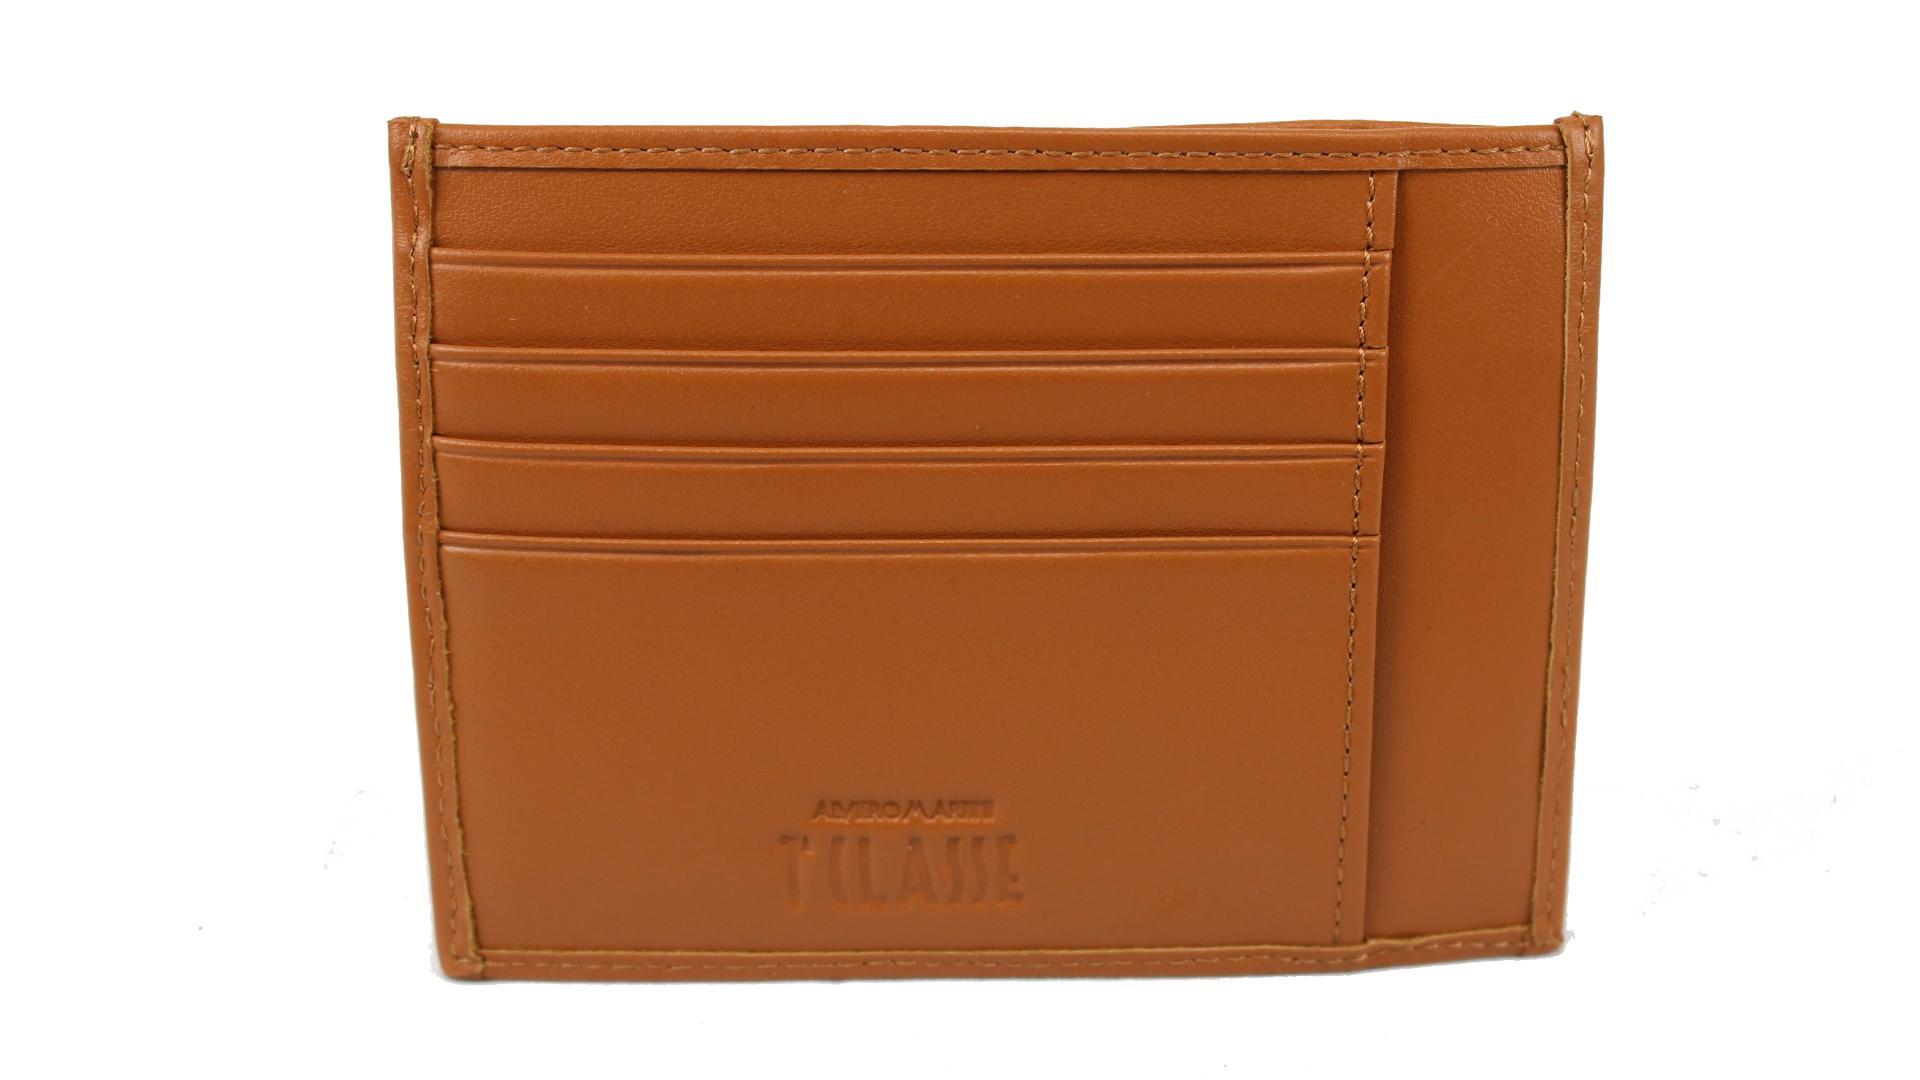 Porta carte di credito Alviero Martini 1A Classe Continuativo W317 6000 010 Classico